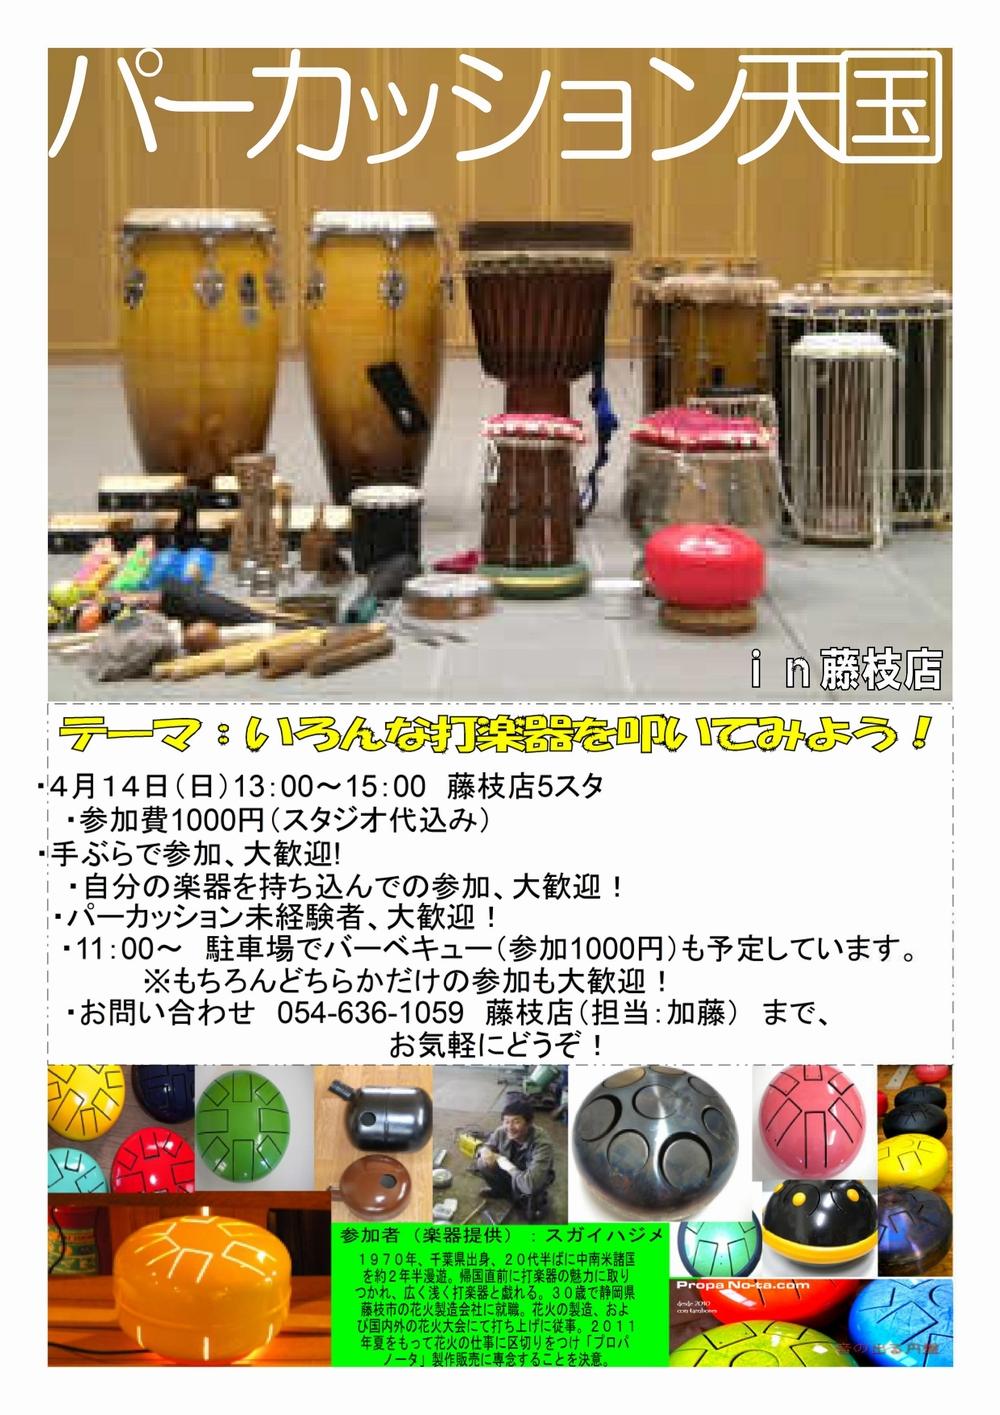 パーカッション天国@藤枝店4月14日(日)初開催!